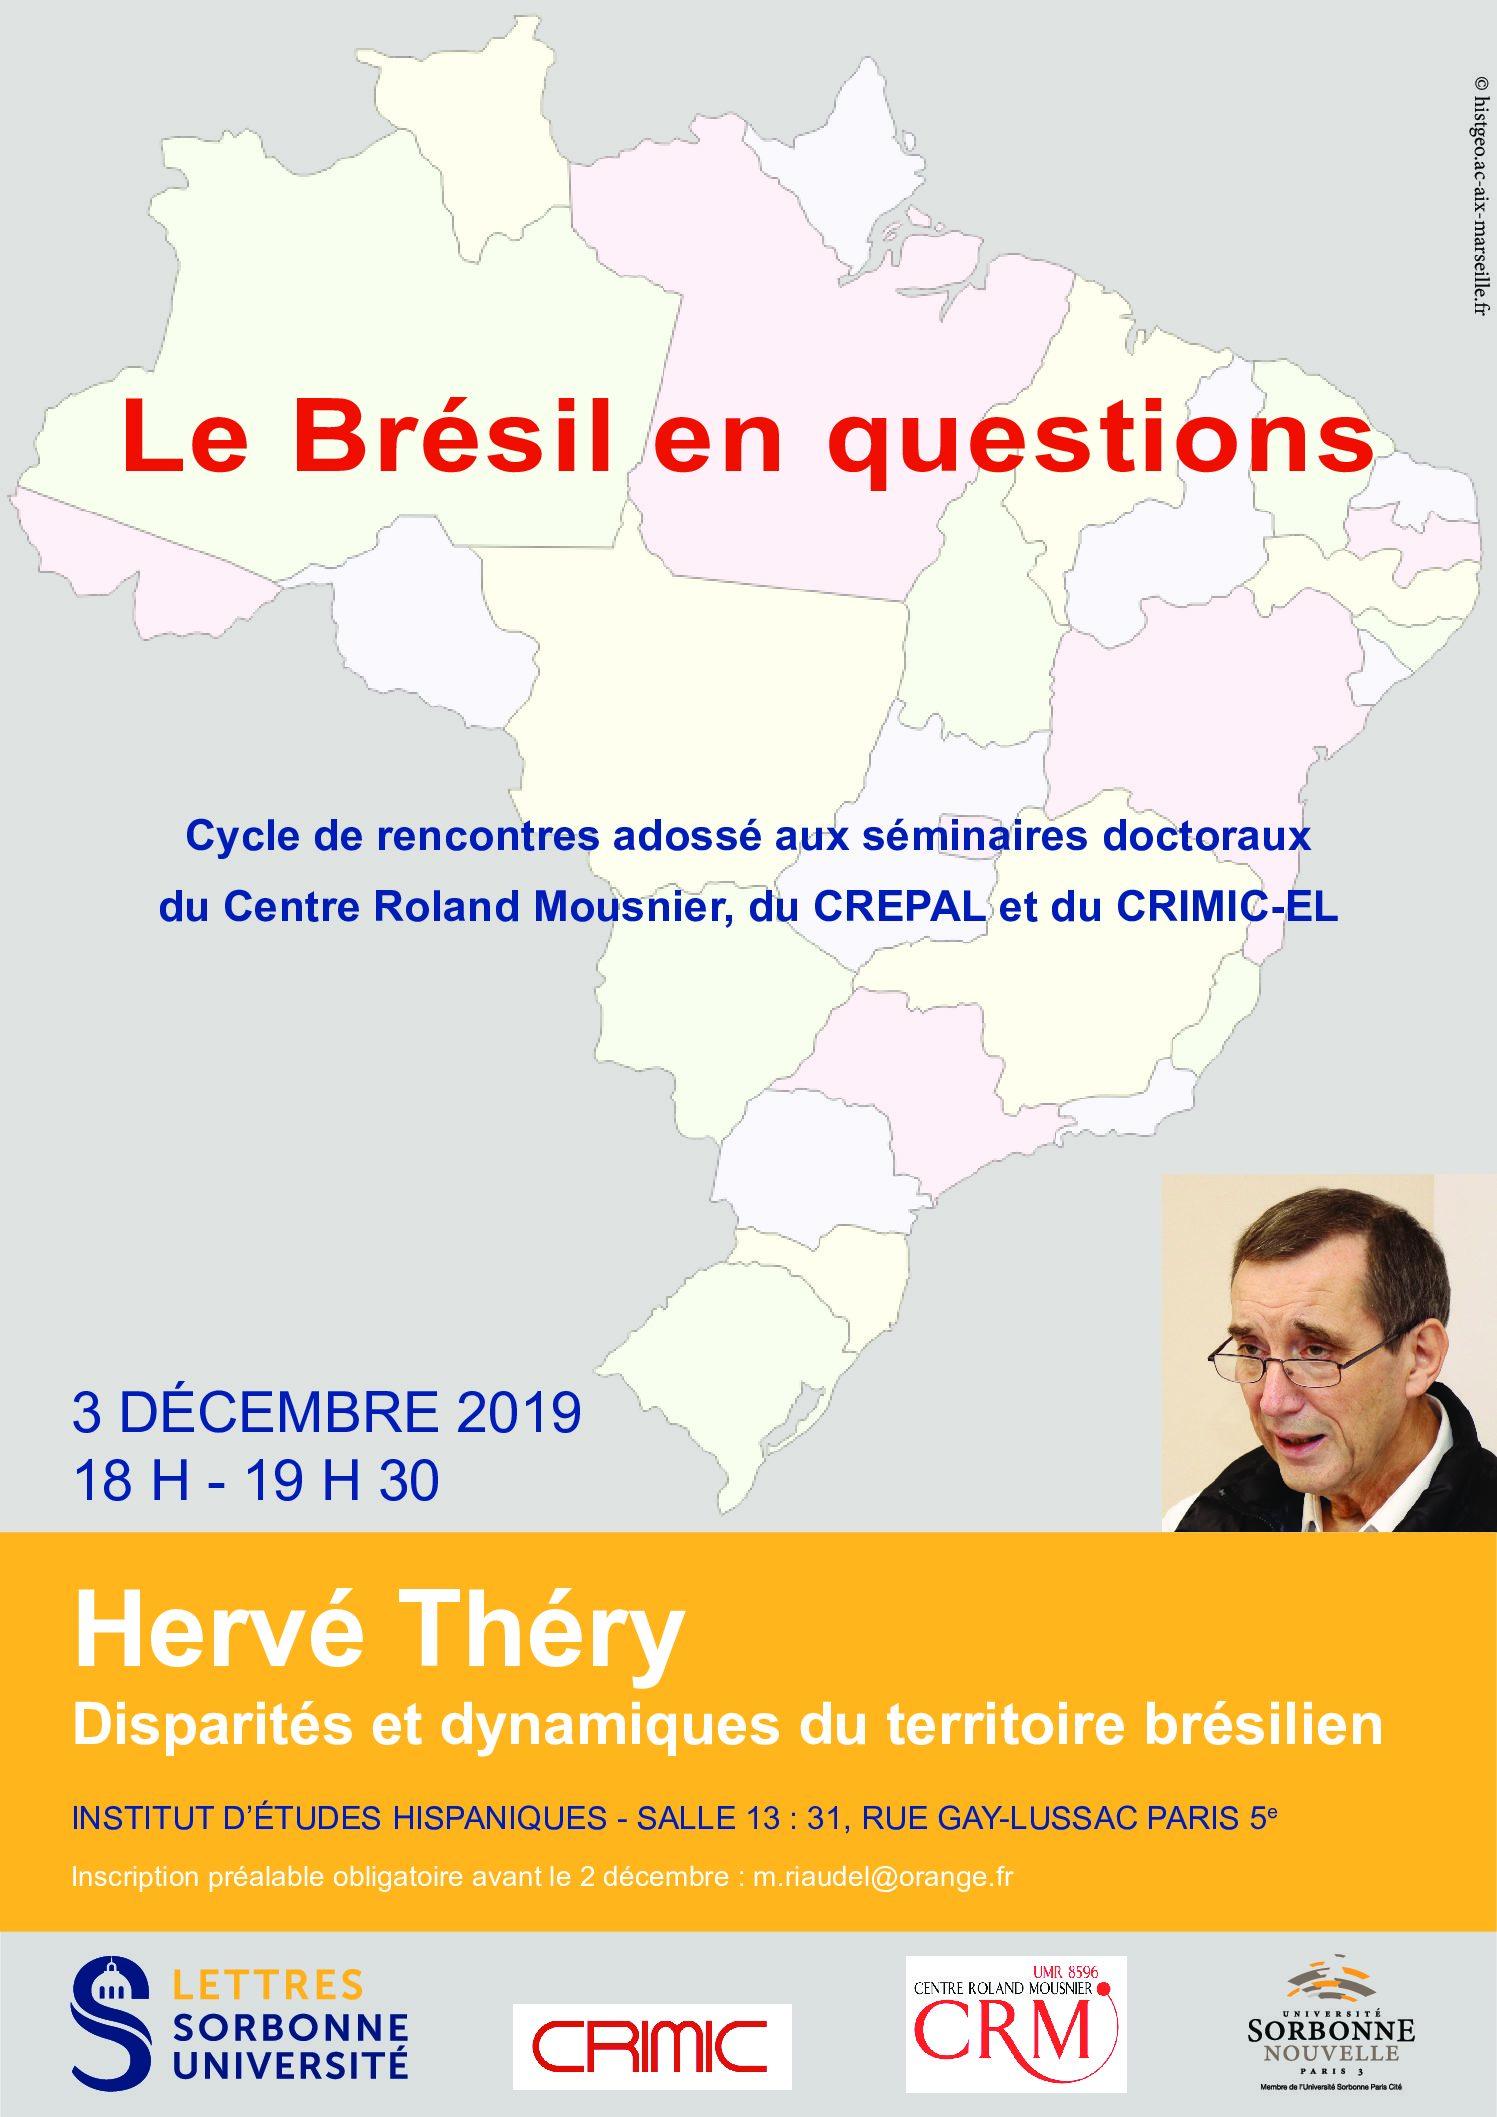 Hervé Théry, « Disparités et dynamiques du territoire brésilien »